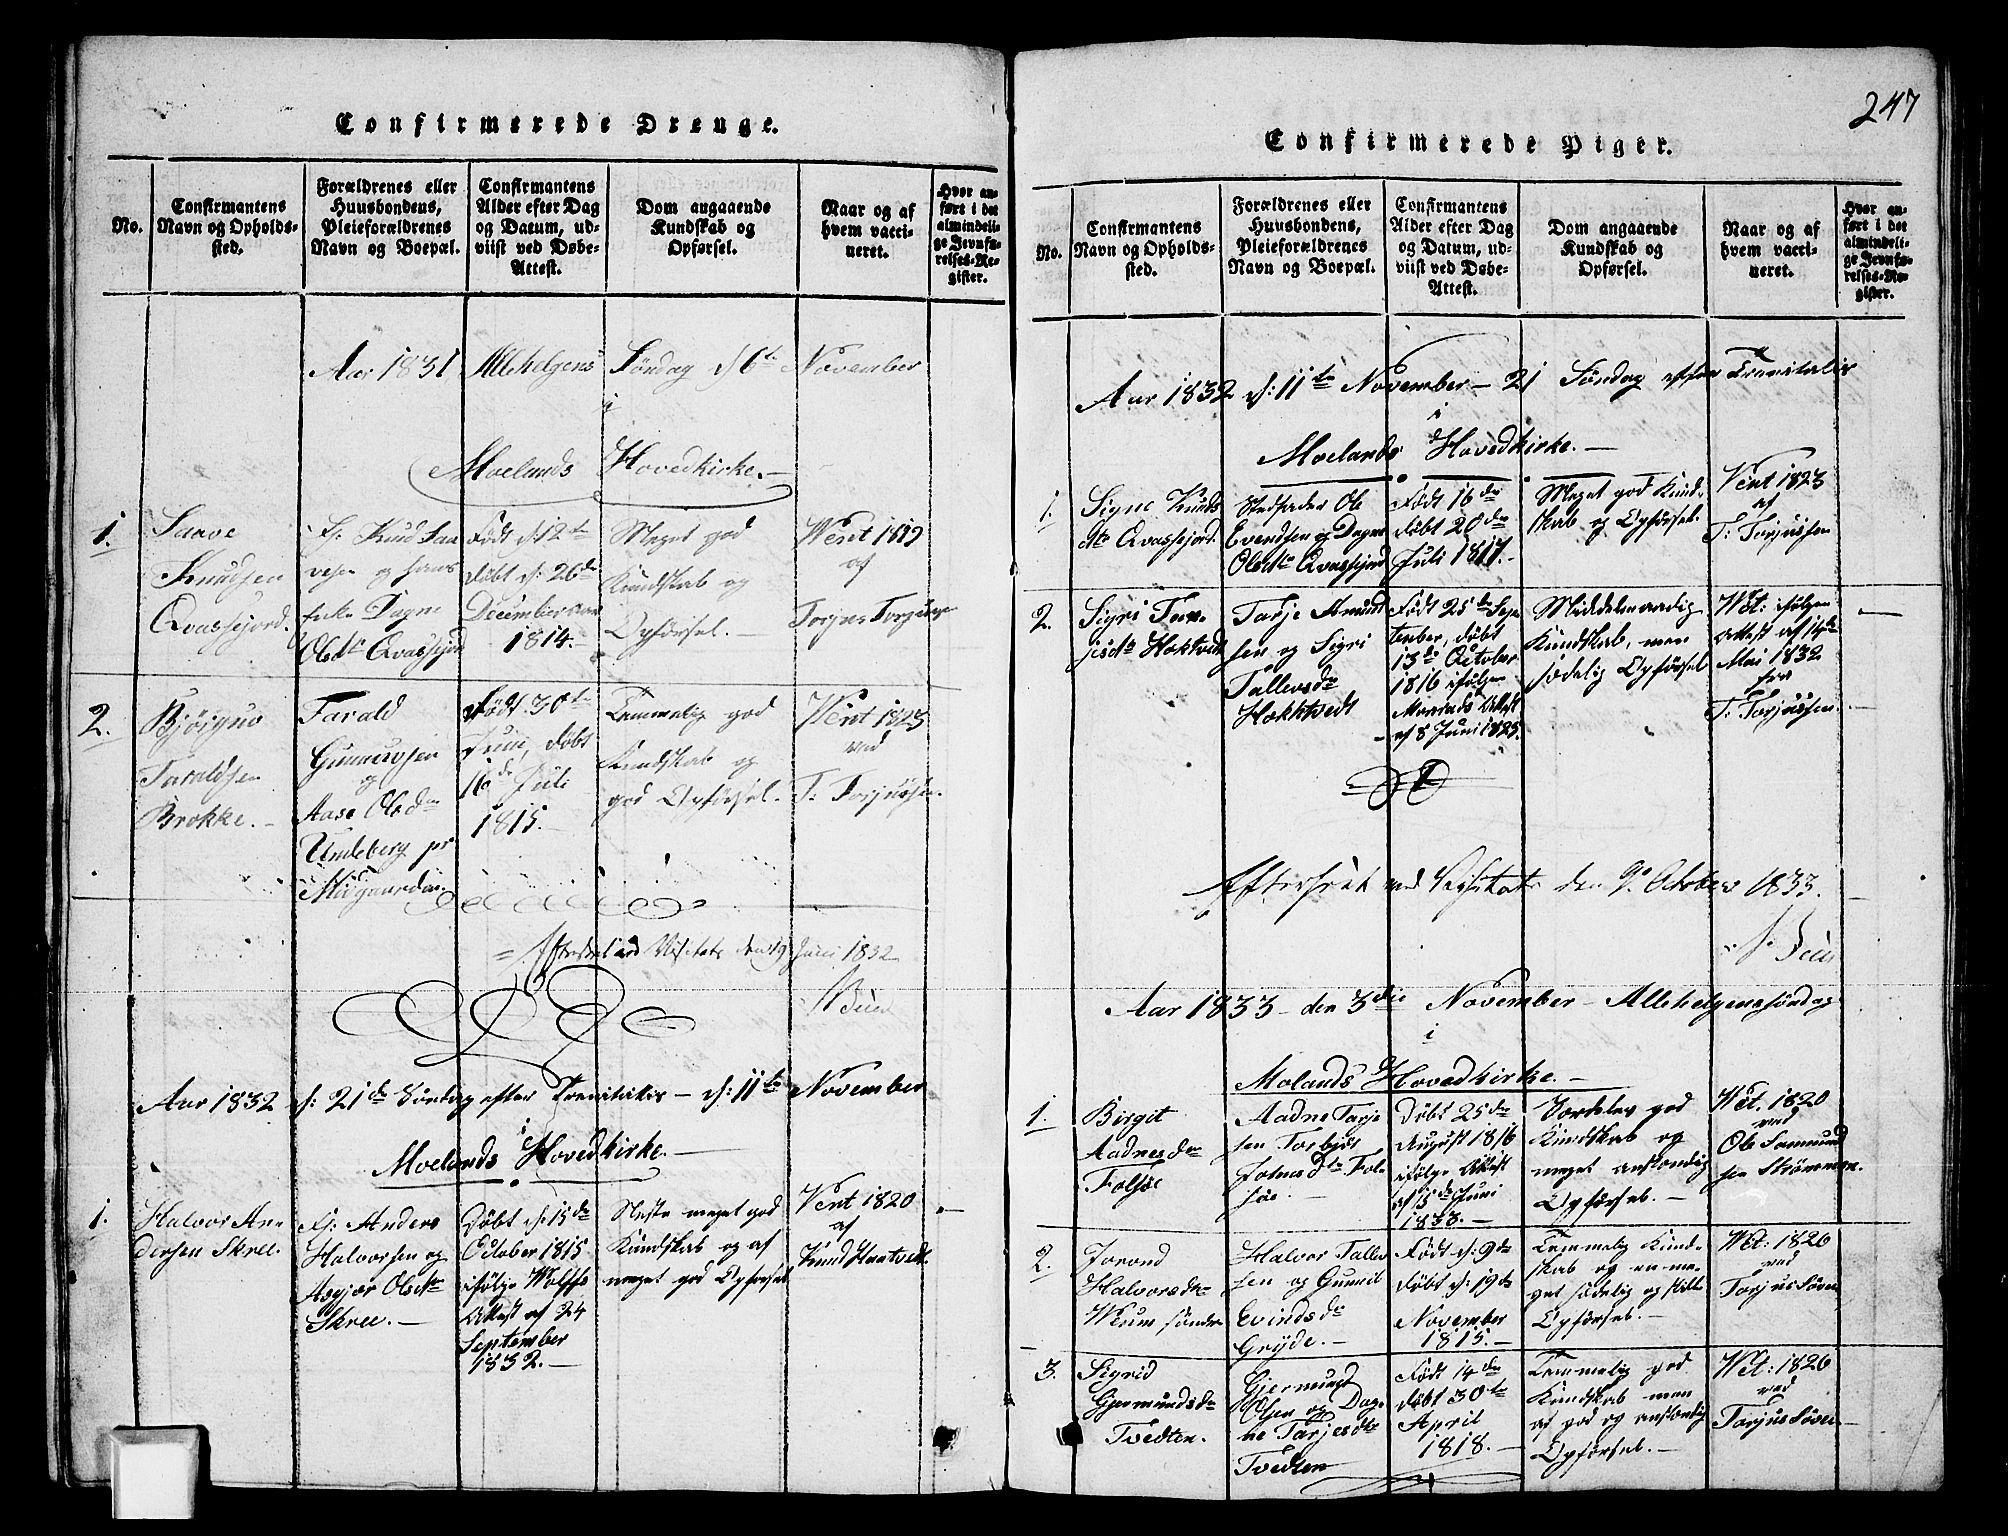 SAKO, Fyresdal kirkebøker, G/Ga/L0003: Klokkerbok nr. I 3, 1815-1863, s. 247